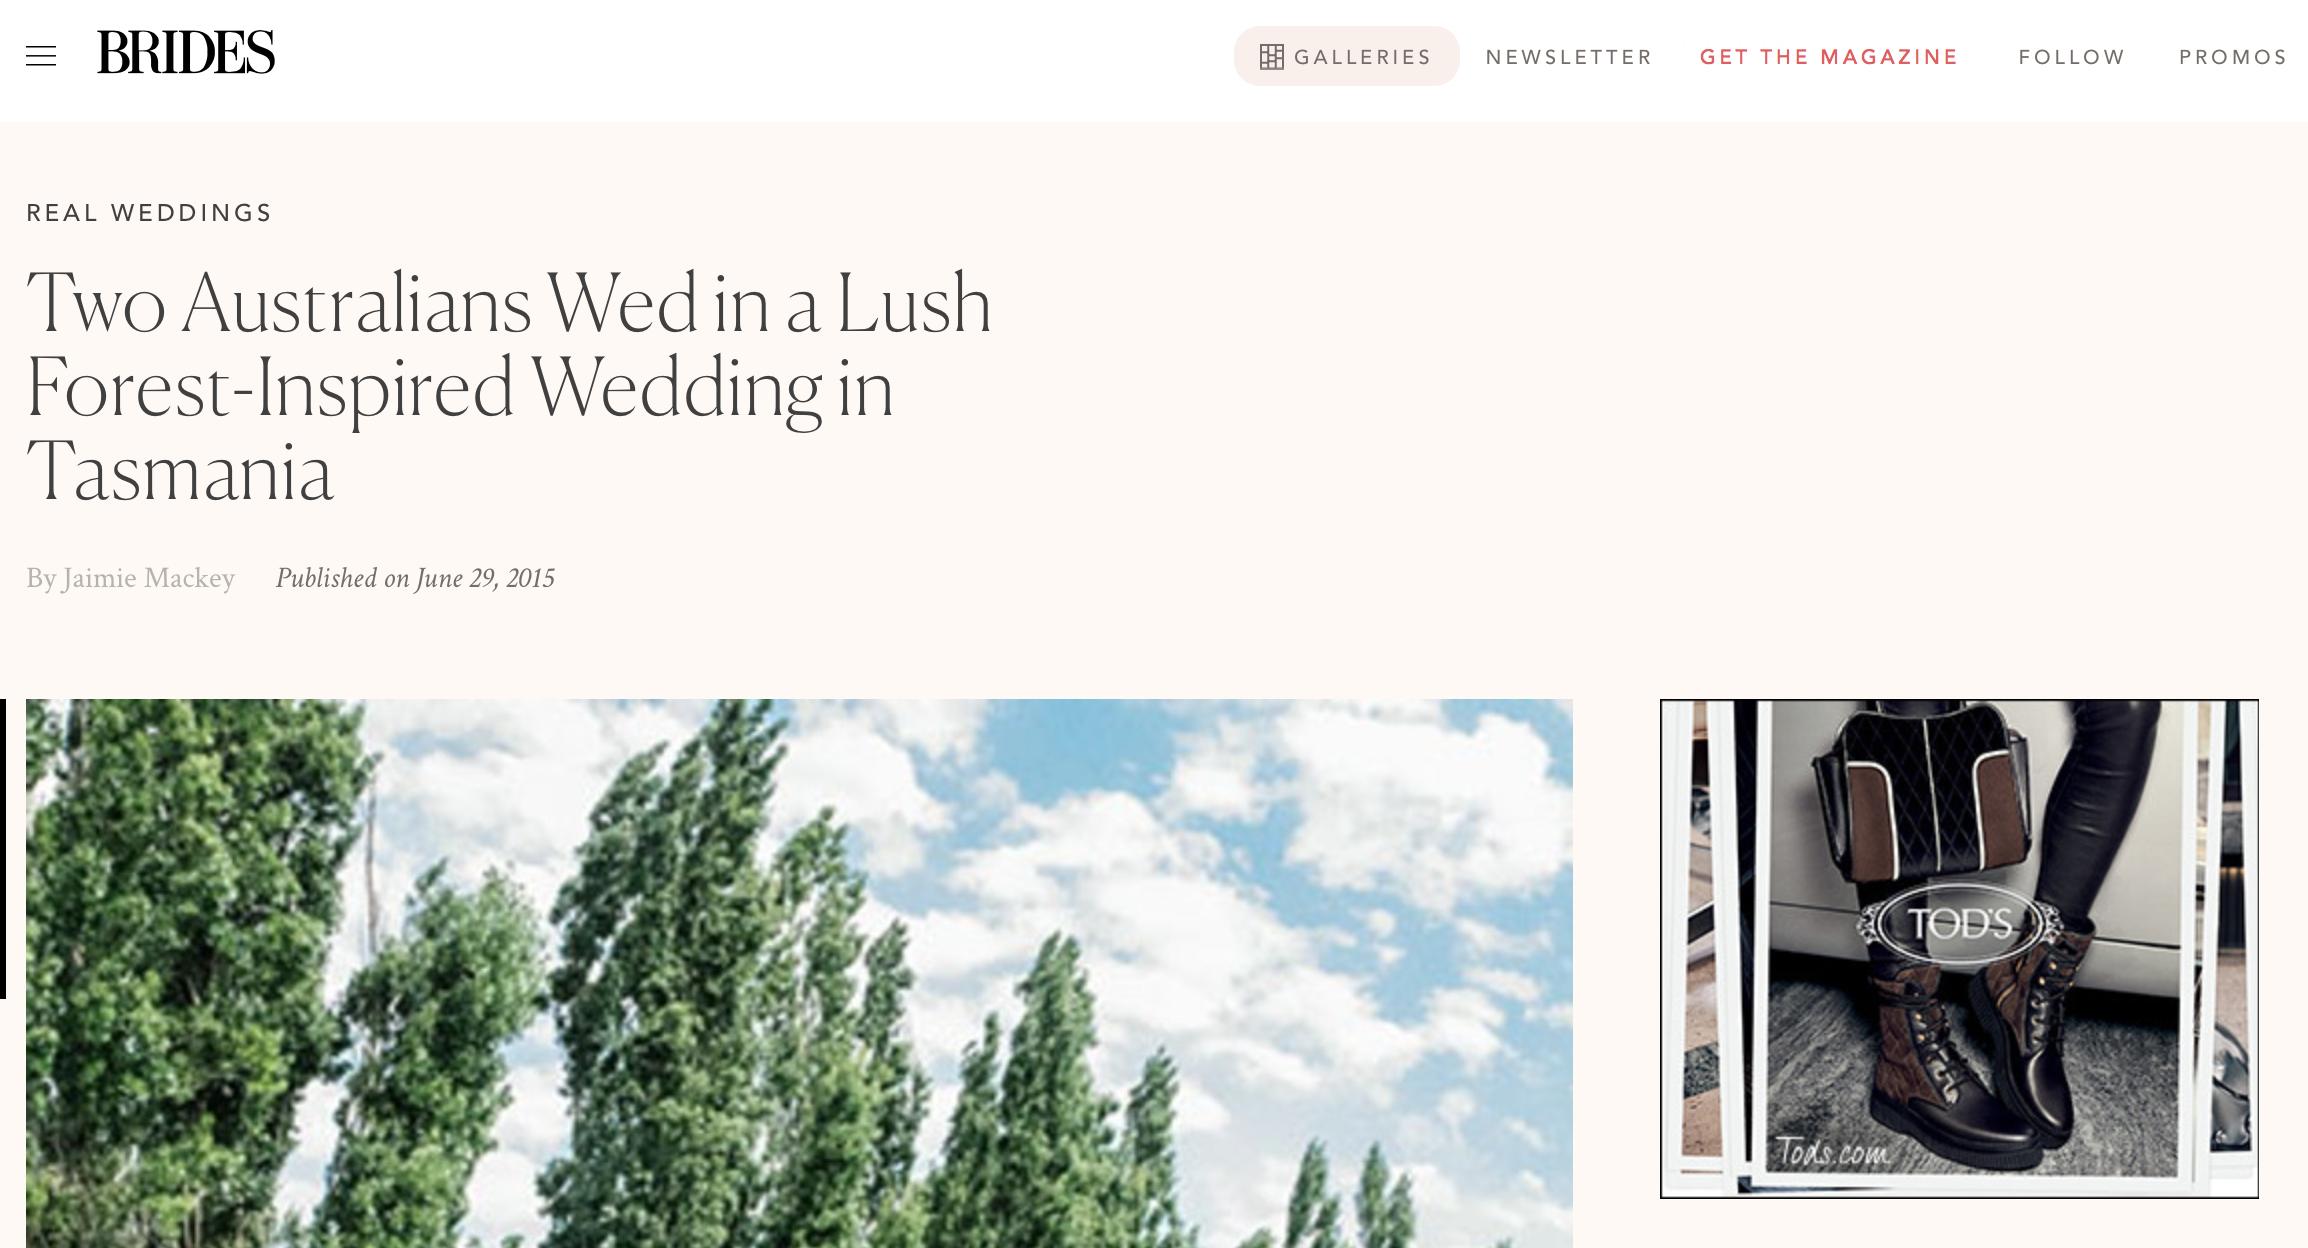 Screenshot from brides.com